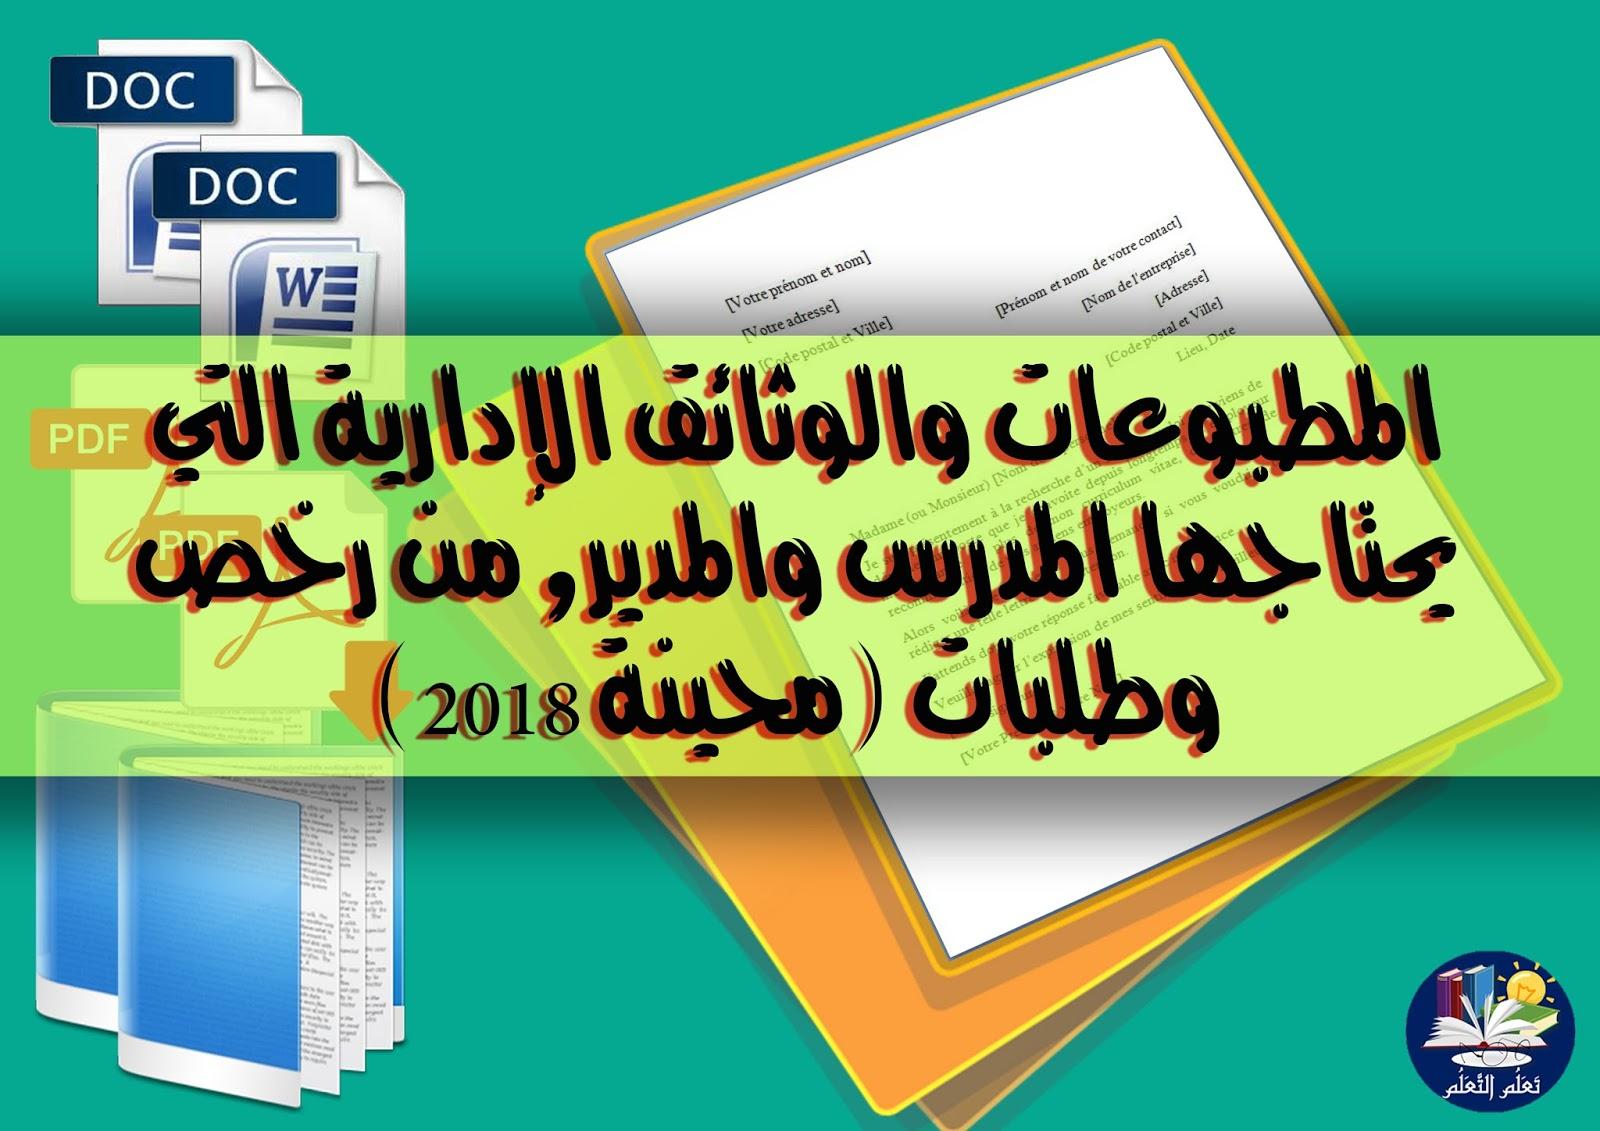 تَعَلُم التَعَلُم: المطبوعات والوثائق الإدارية التي يحتاجها المدرس والمدير, من رخص وطلبات (محينة 2018)